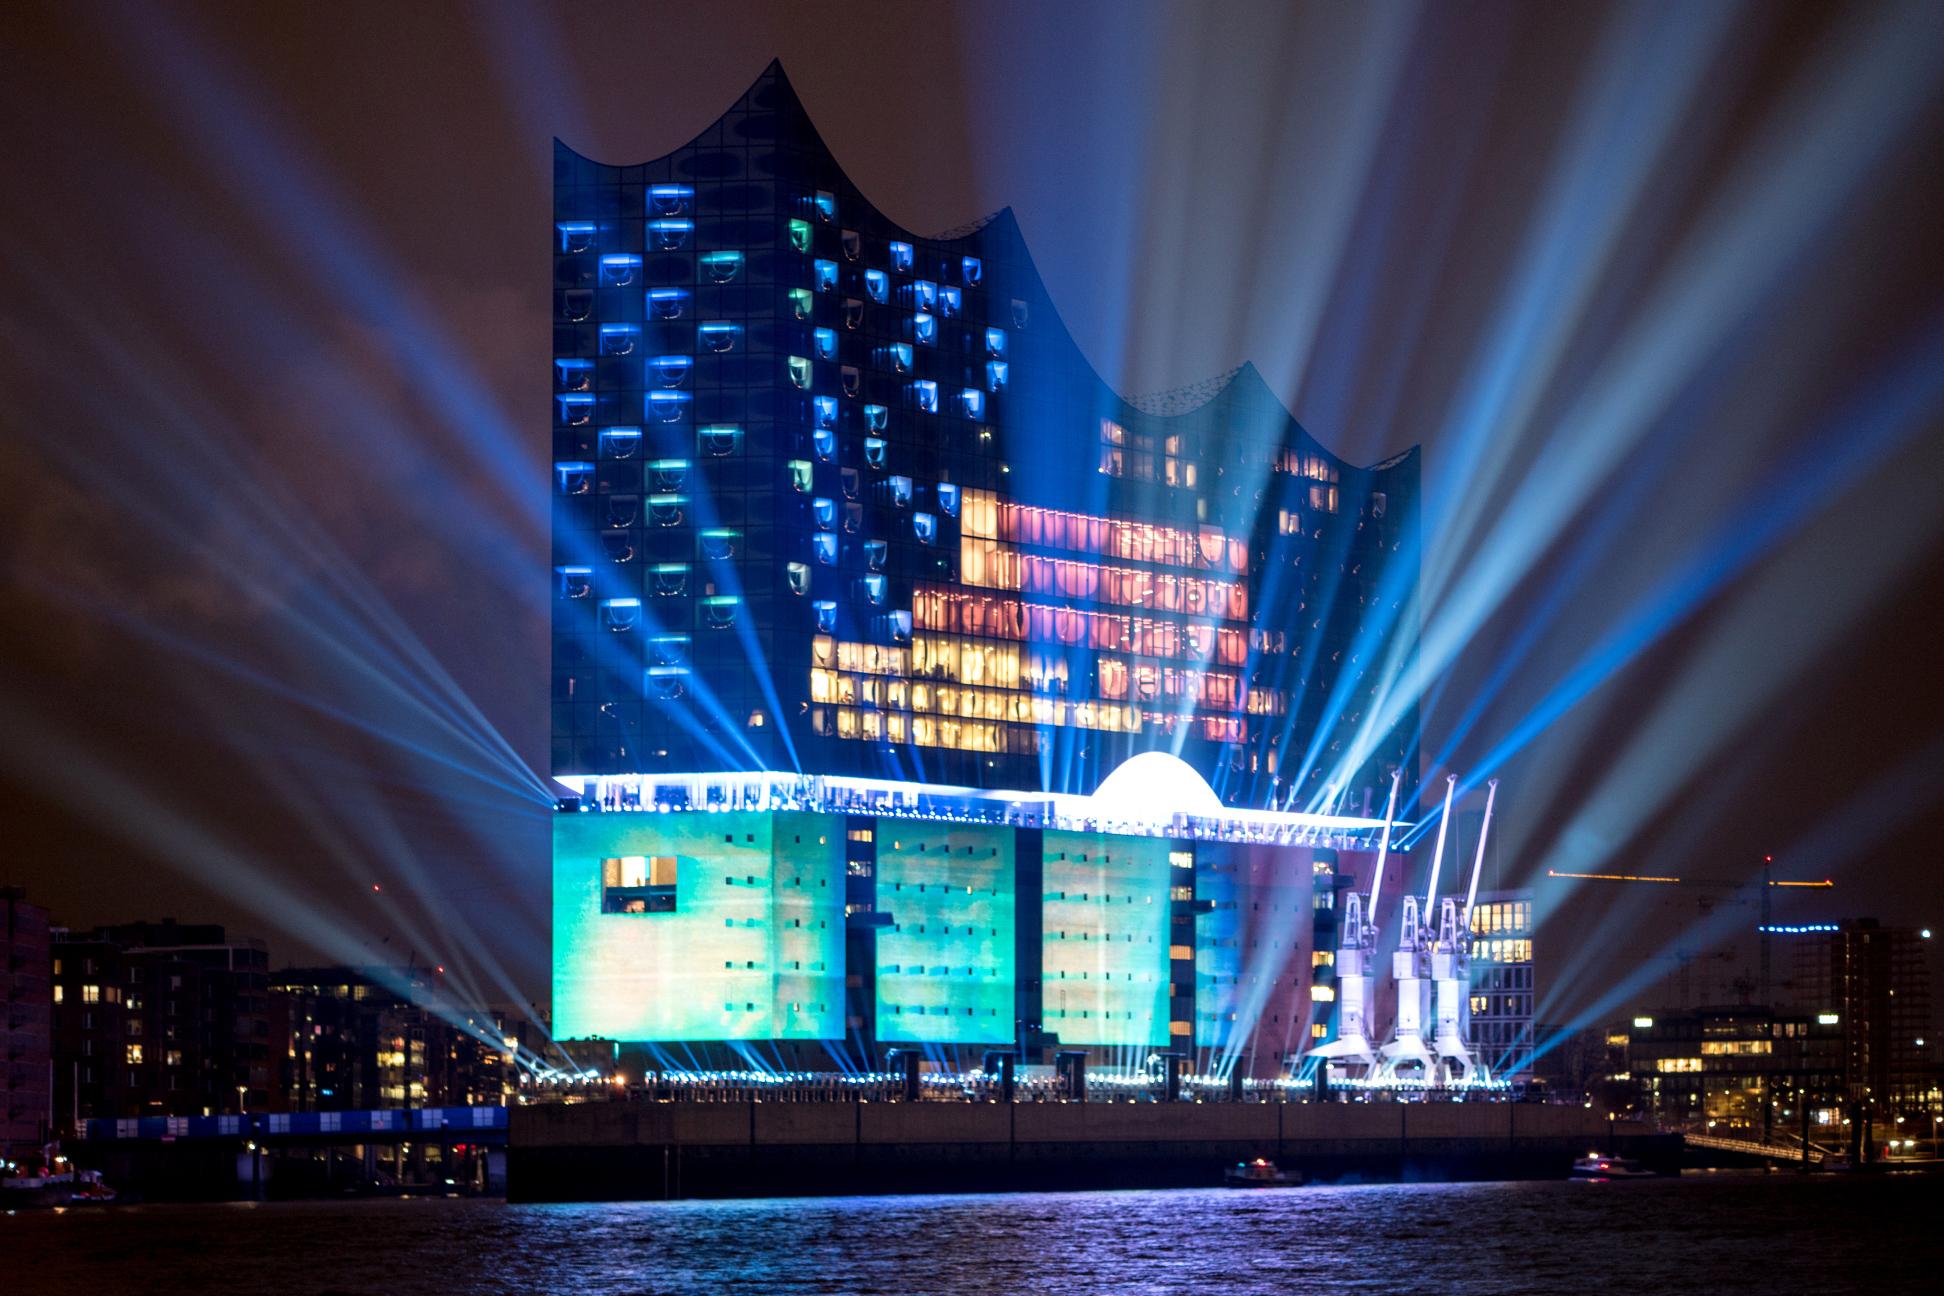 Elbphilharmonie In Der Hafencity Ist Ein Im Januar 2017 Eröffnetes Modernes Konzerthaus Und Neues Wahrzeichen Hamburgs